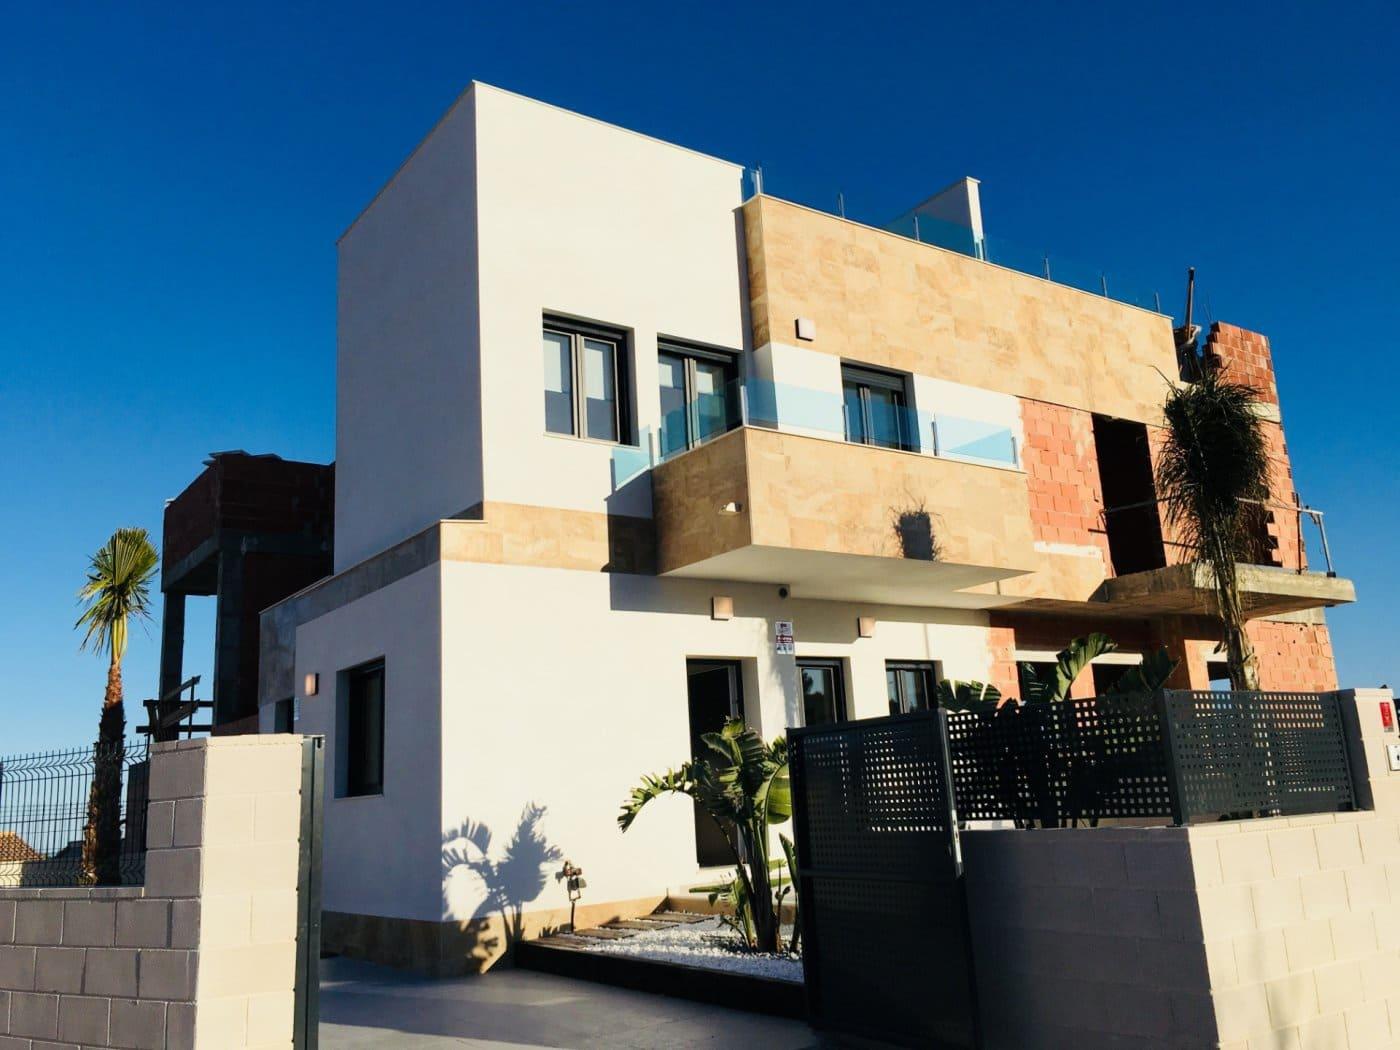 Adosado de 3 habitaciones en Polop en venta con piscina - 197.500 € (Ref: 4022407)